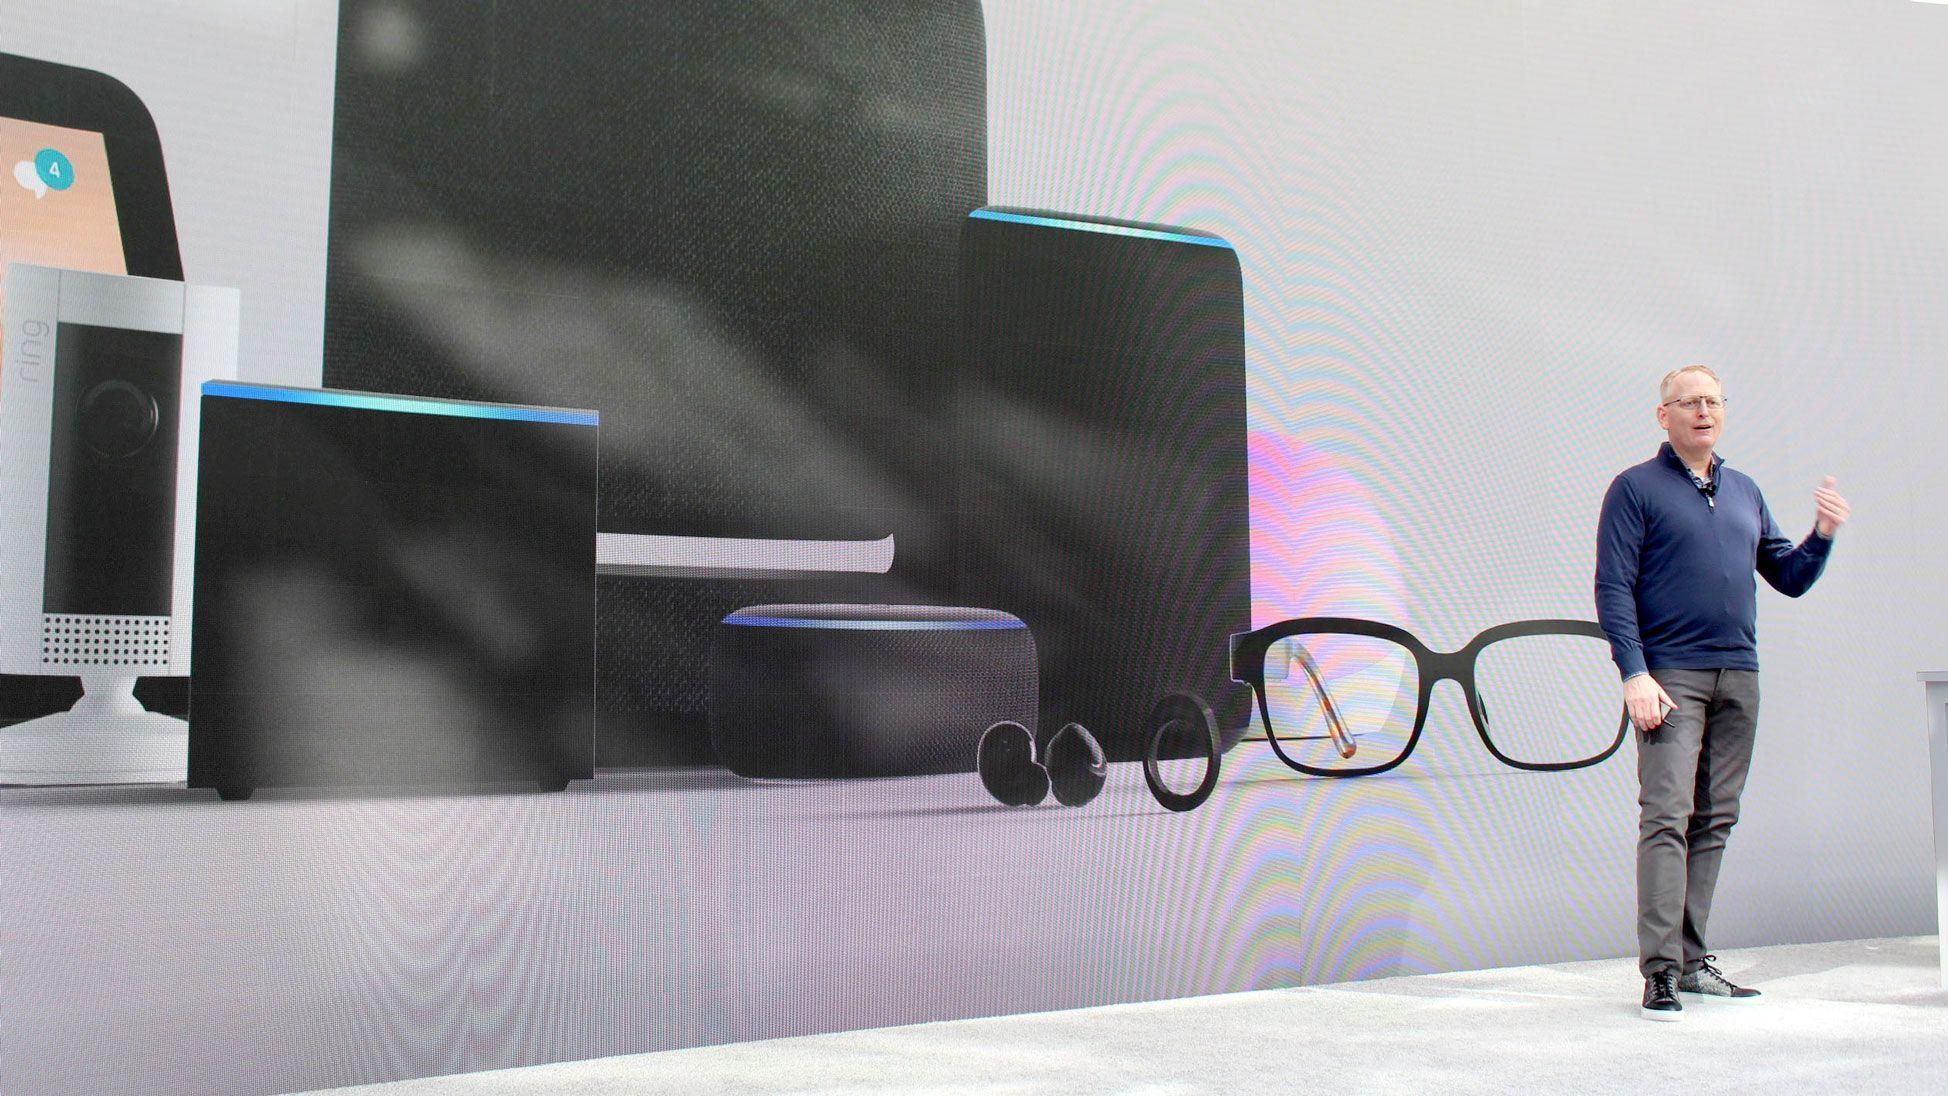 眼鏡から指輪まで、アマゾンが音声対応ガジェットを一挙発表